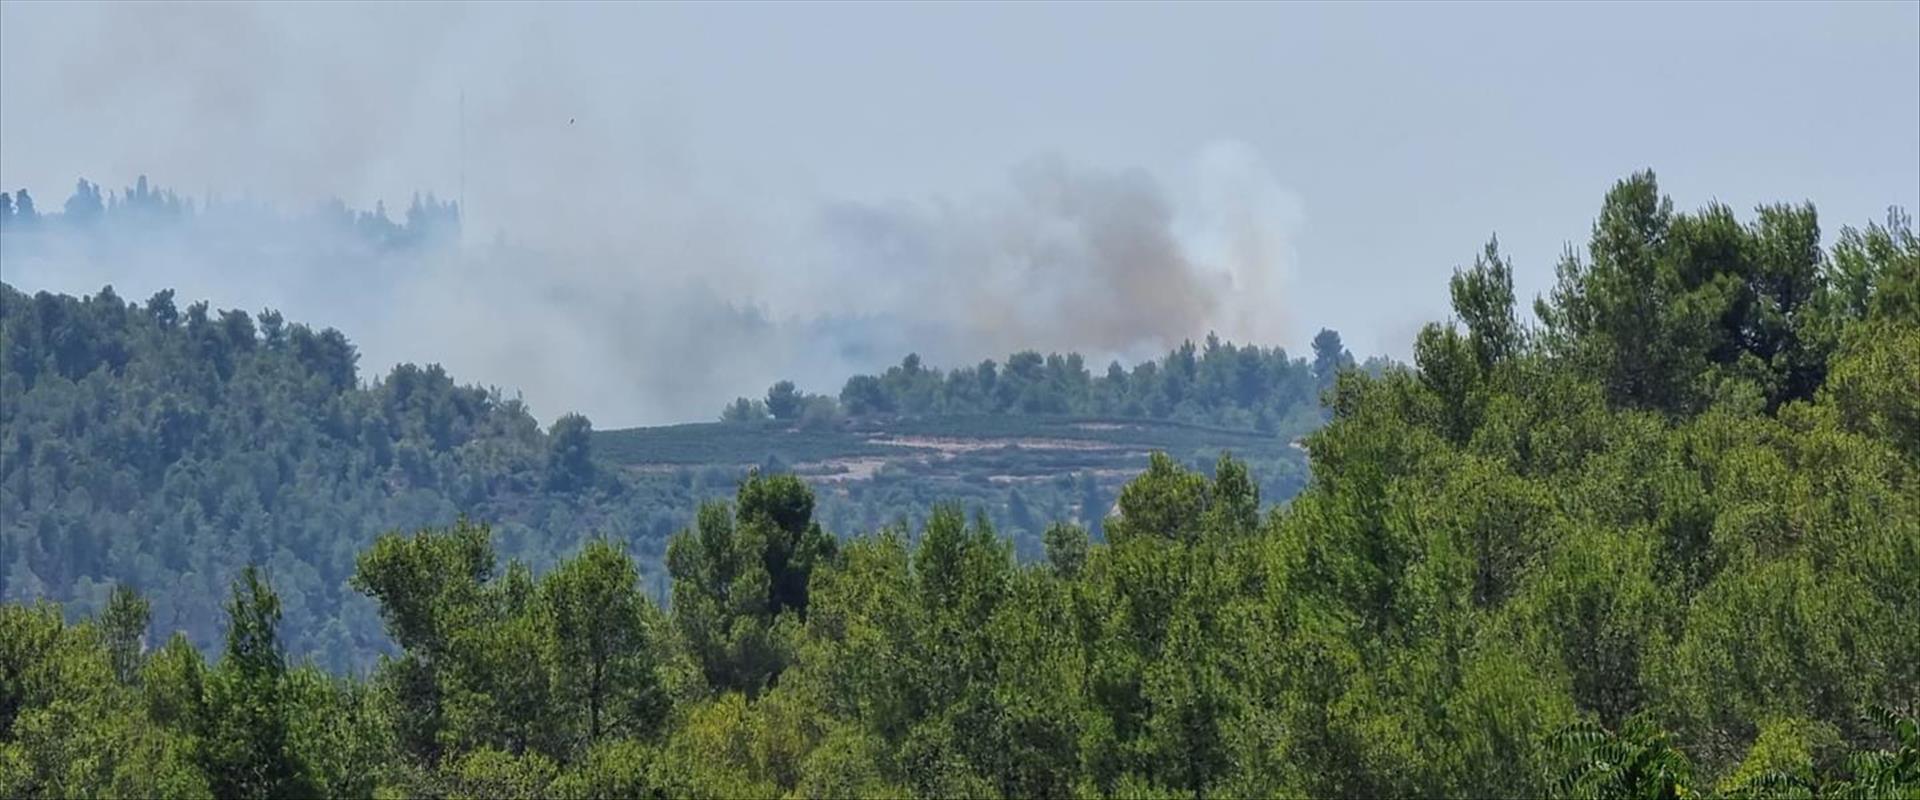 שריפה בגבעת יערים